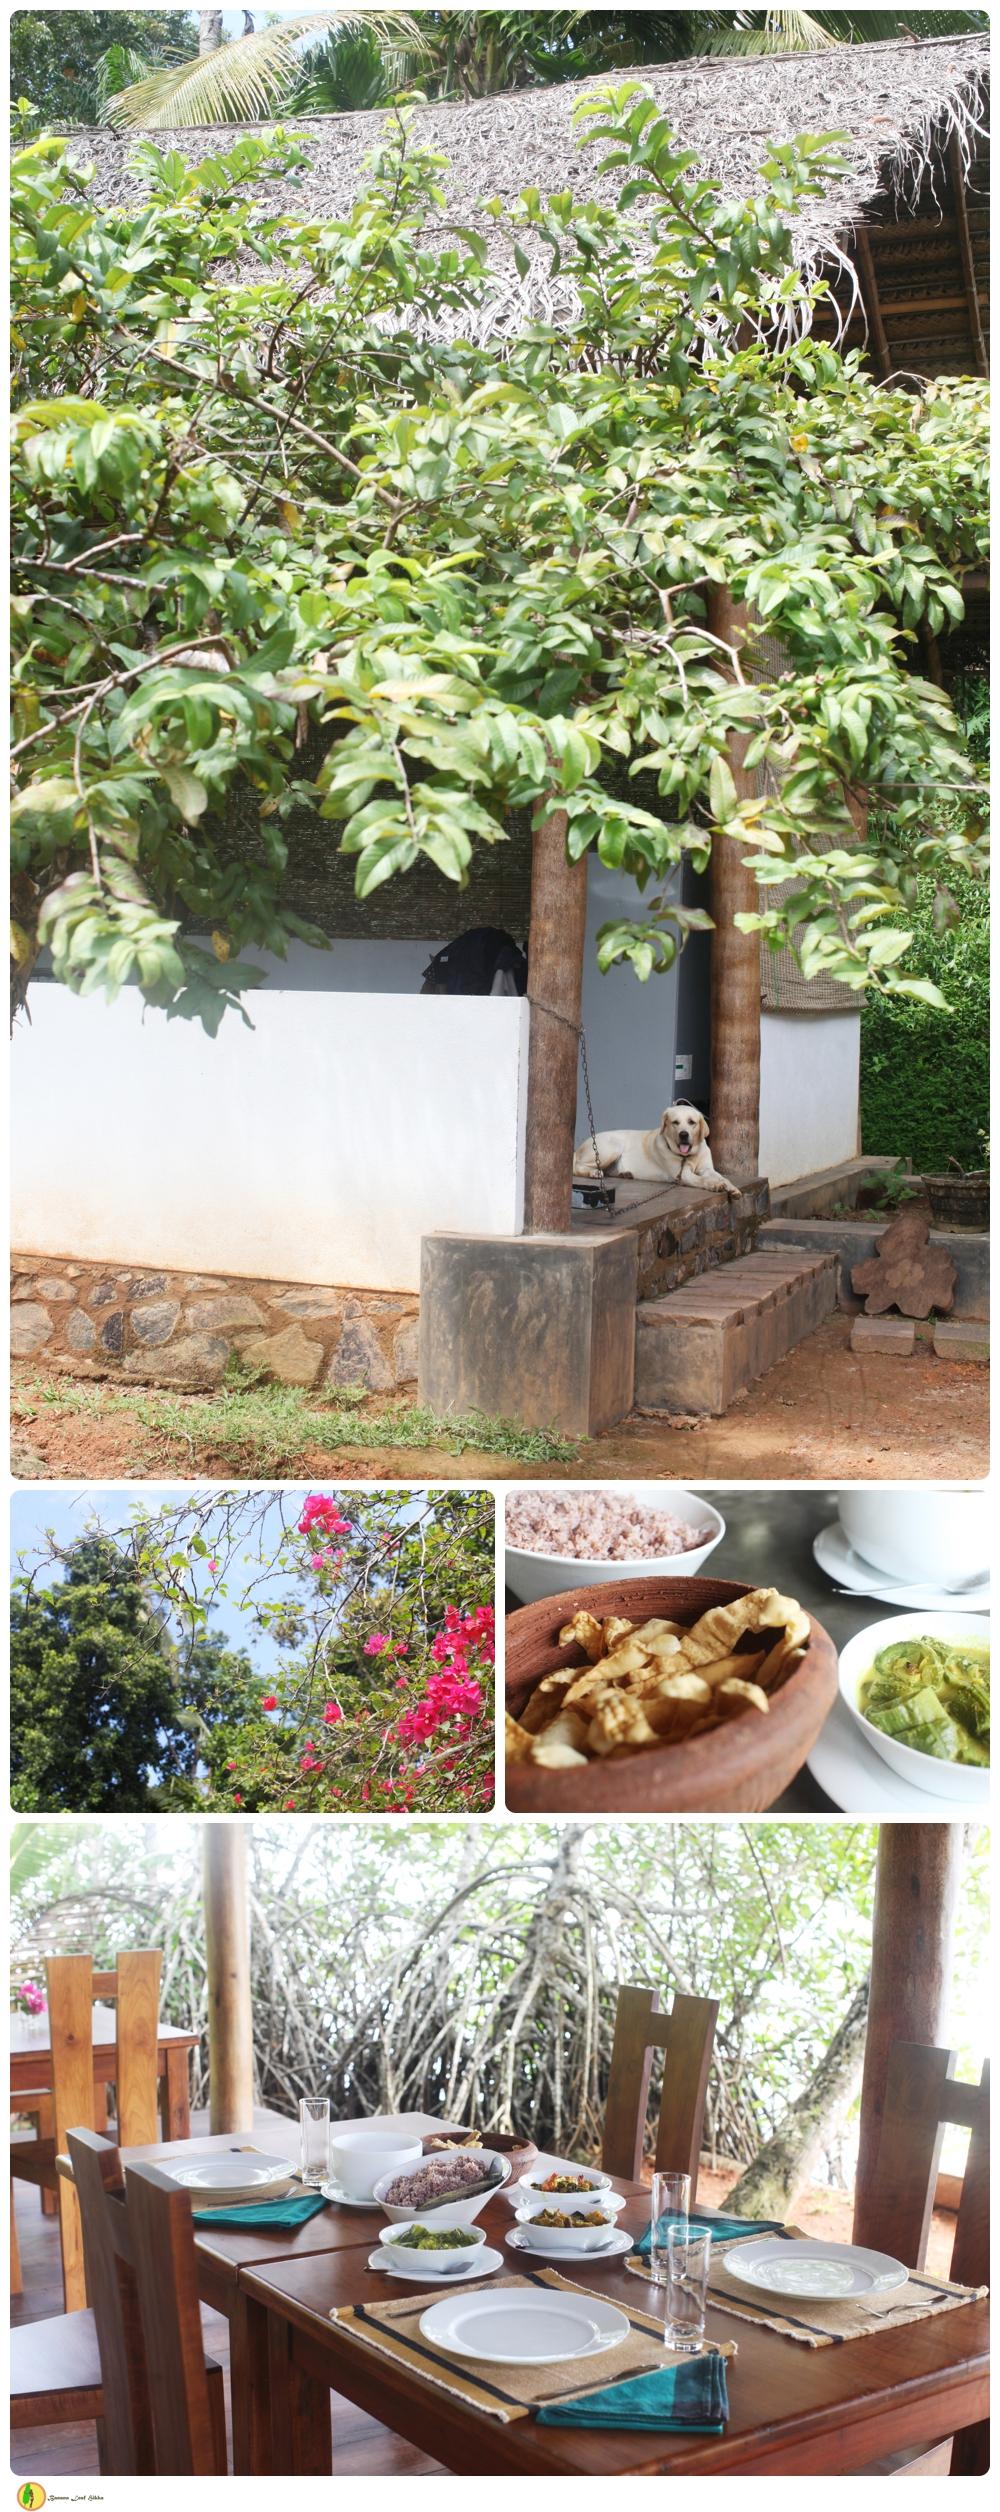 Sri lankan cookery Hikkaduwa